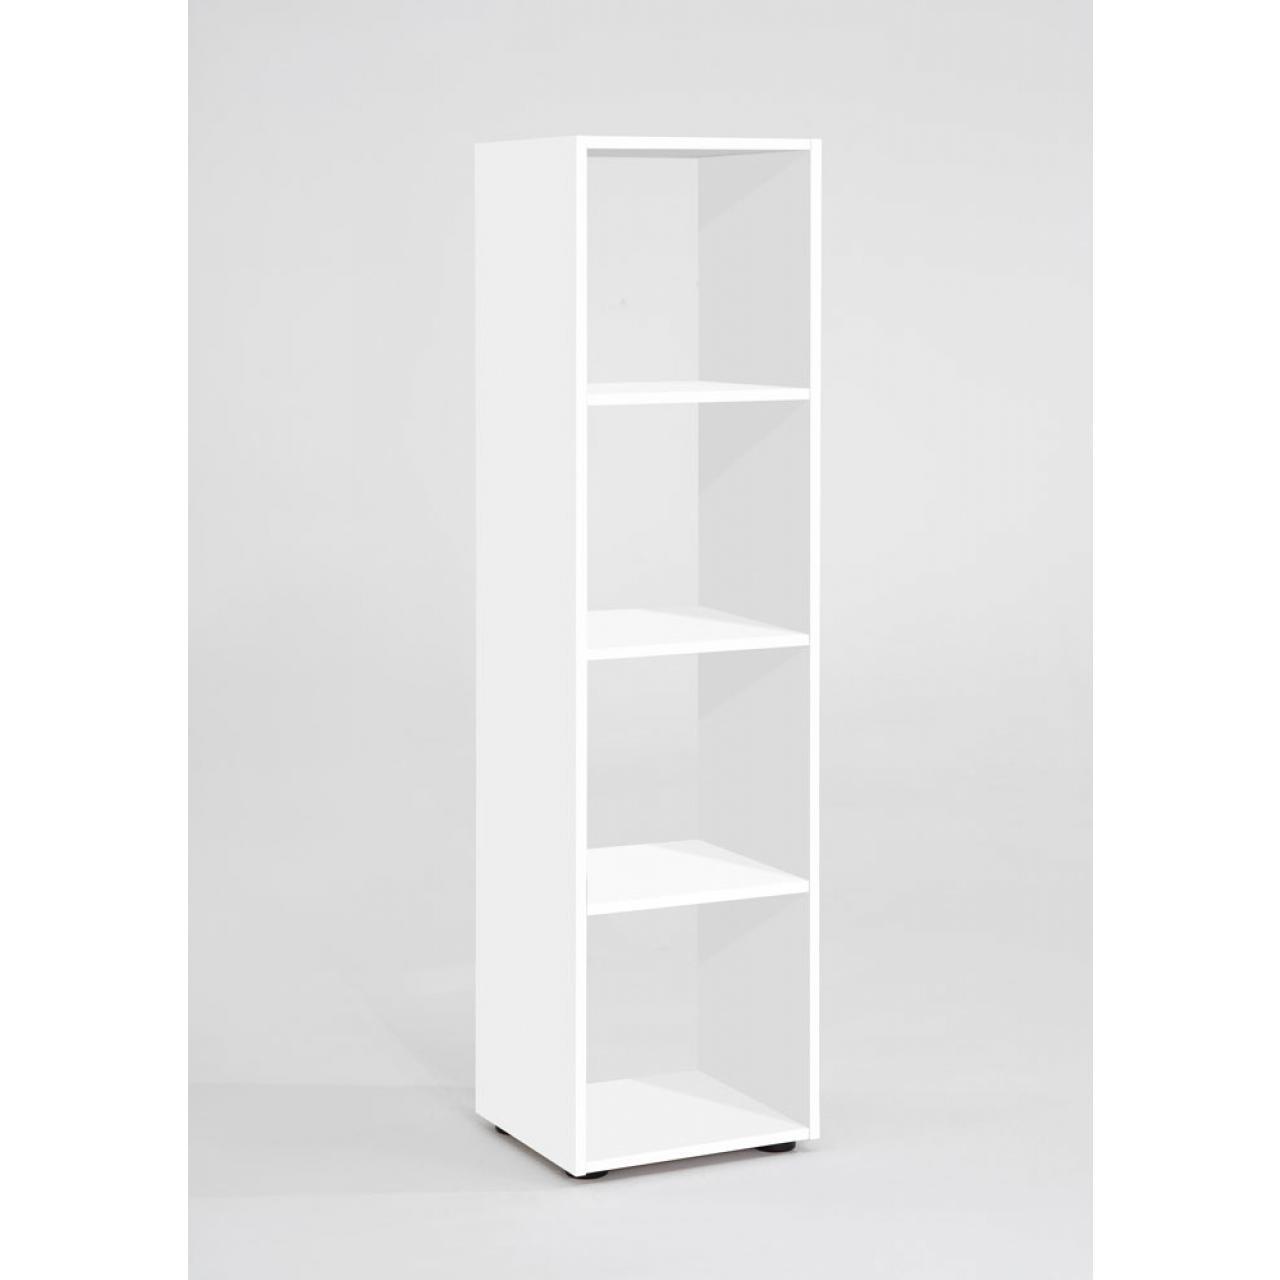 Raumteiler Mega 4 Weiß